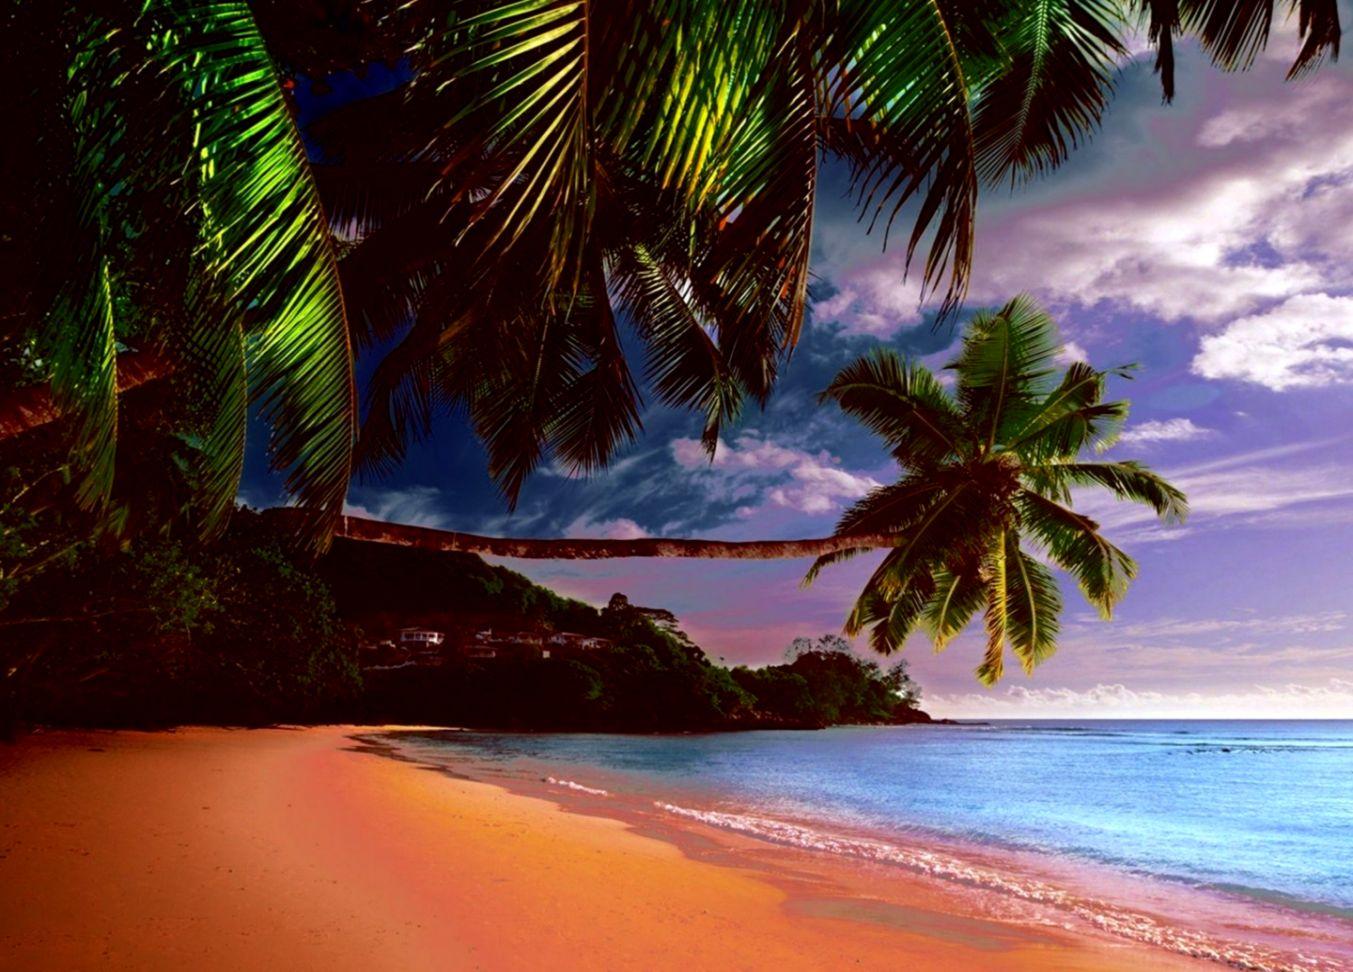 Beach 4k , HD Wallpaper & Backgrounds